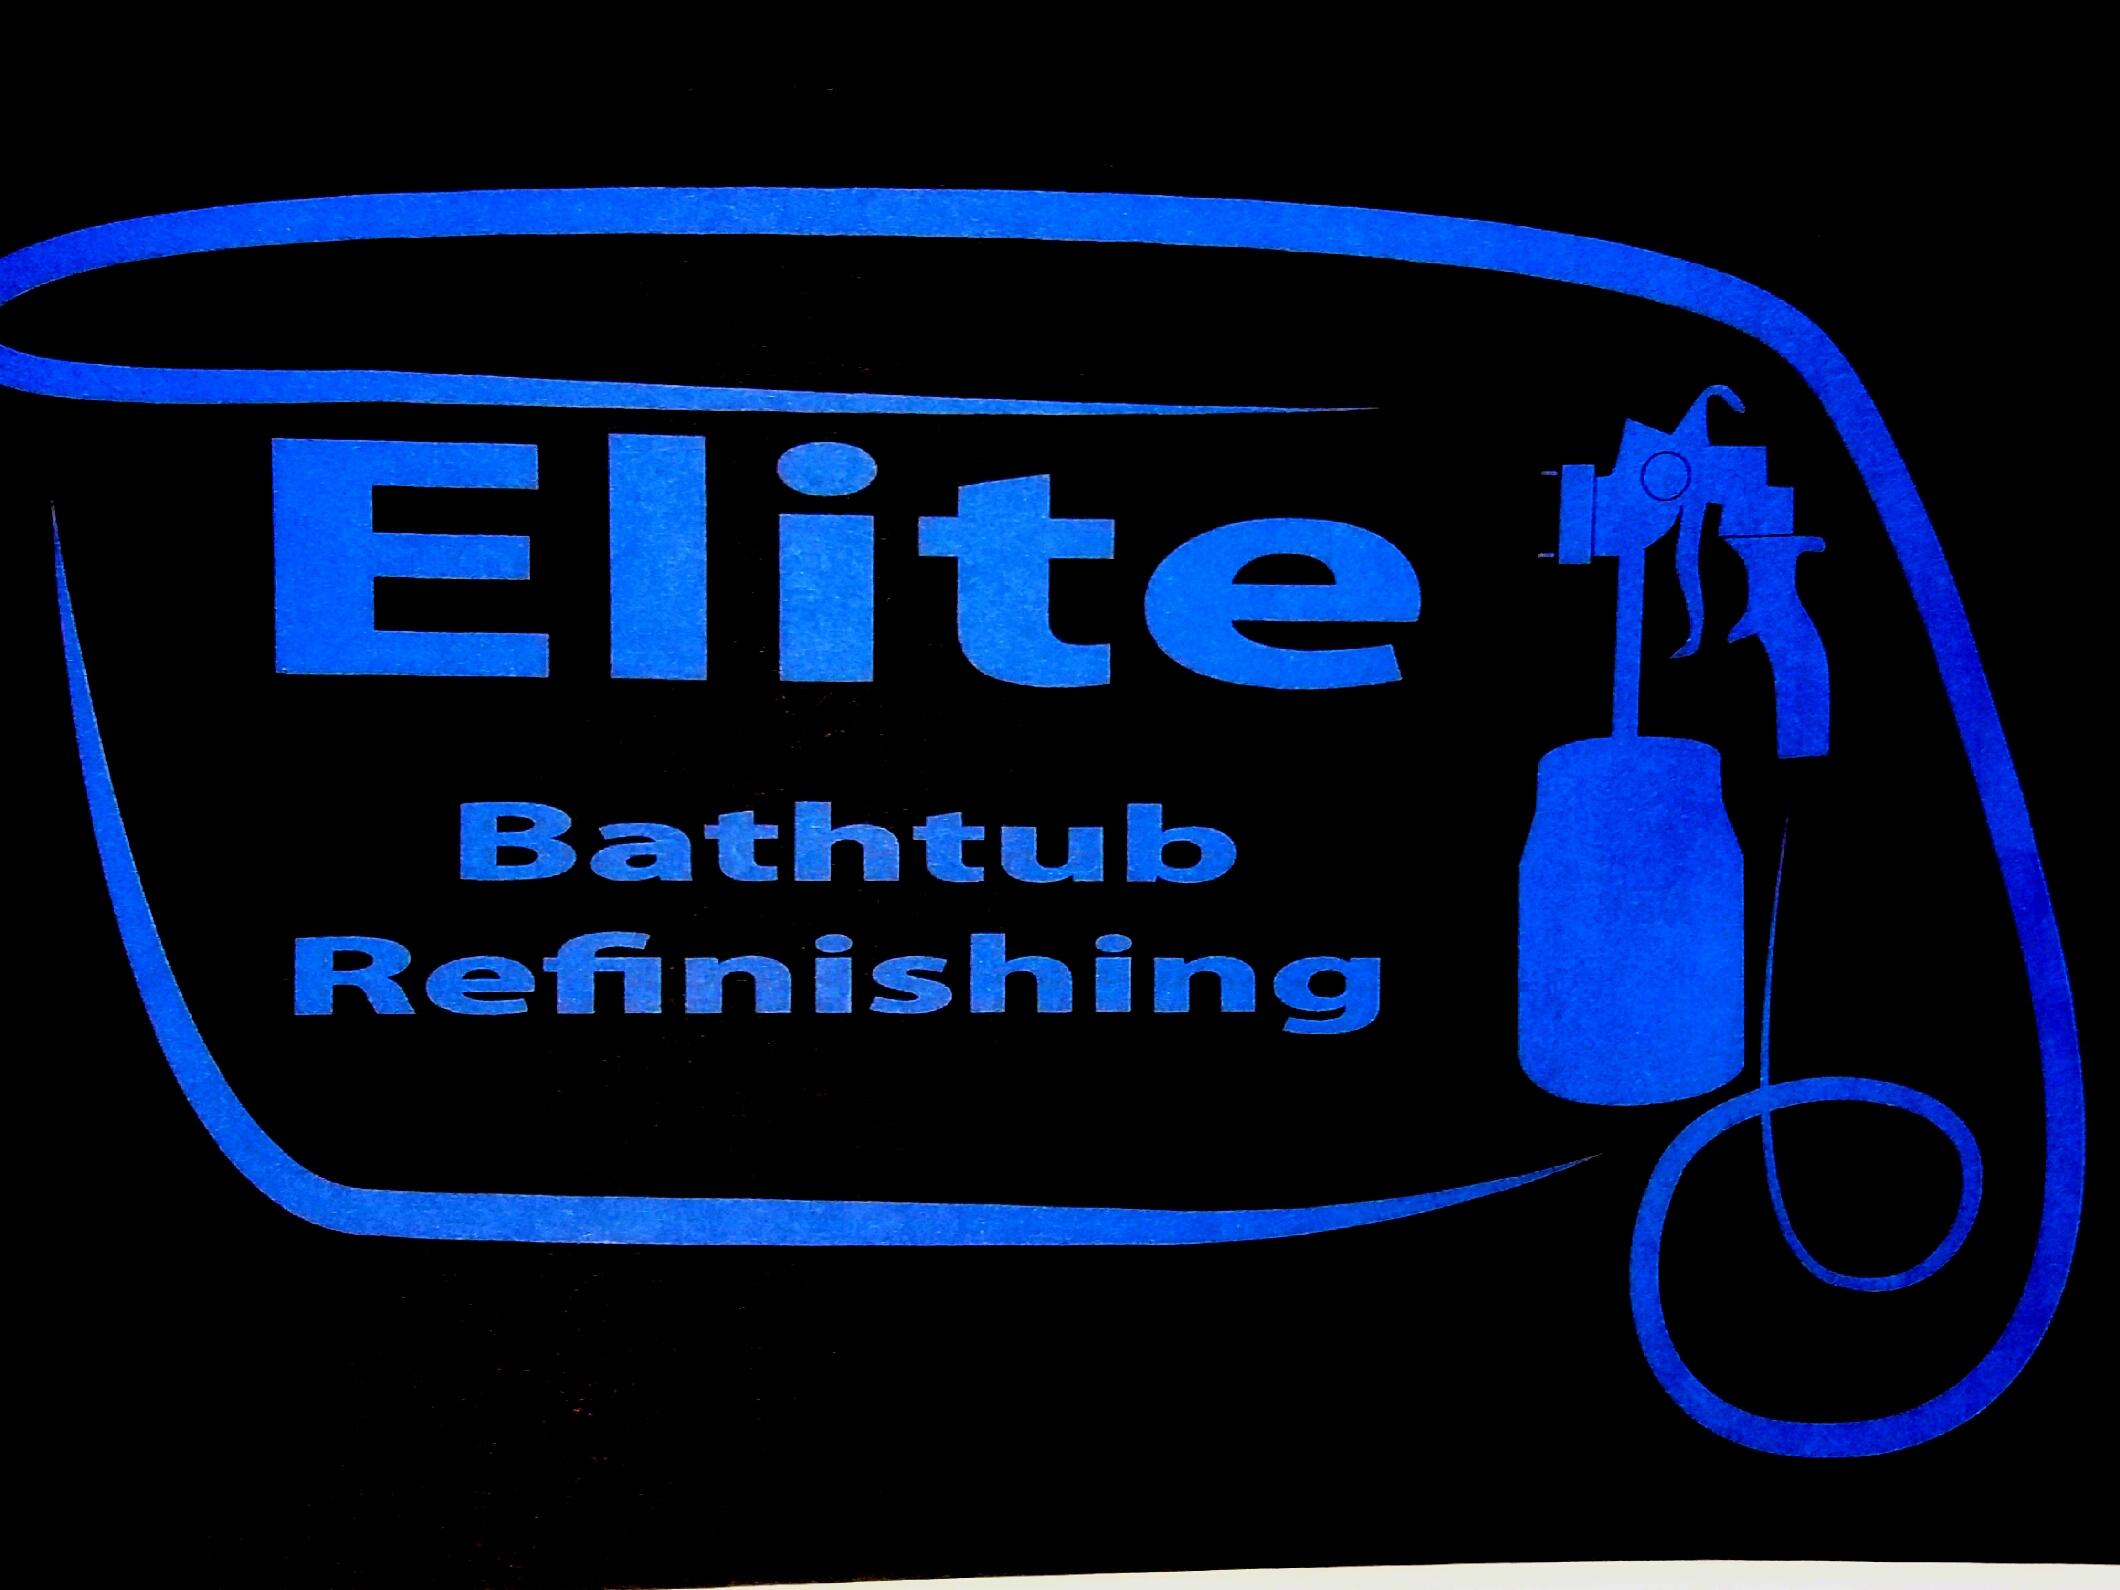 elite refinishing logo.jpg